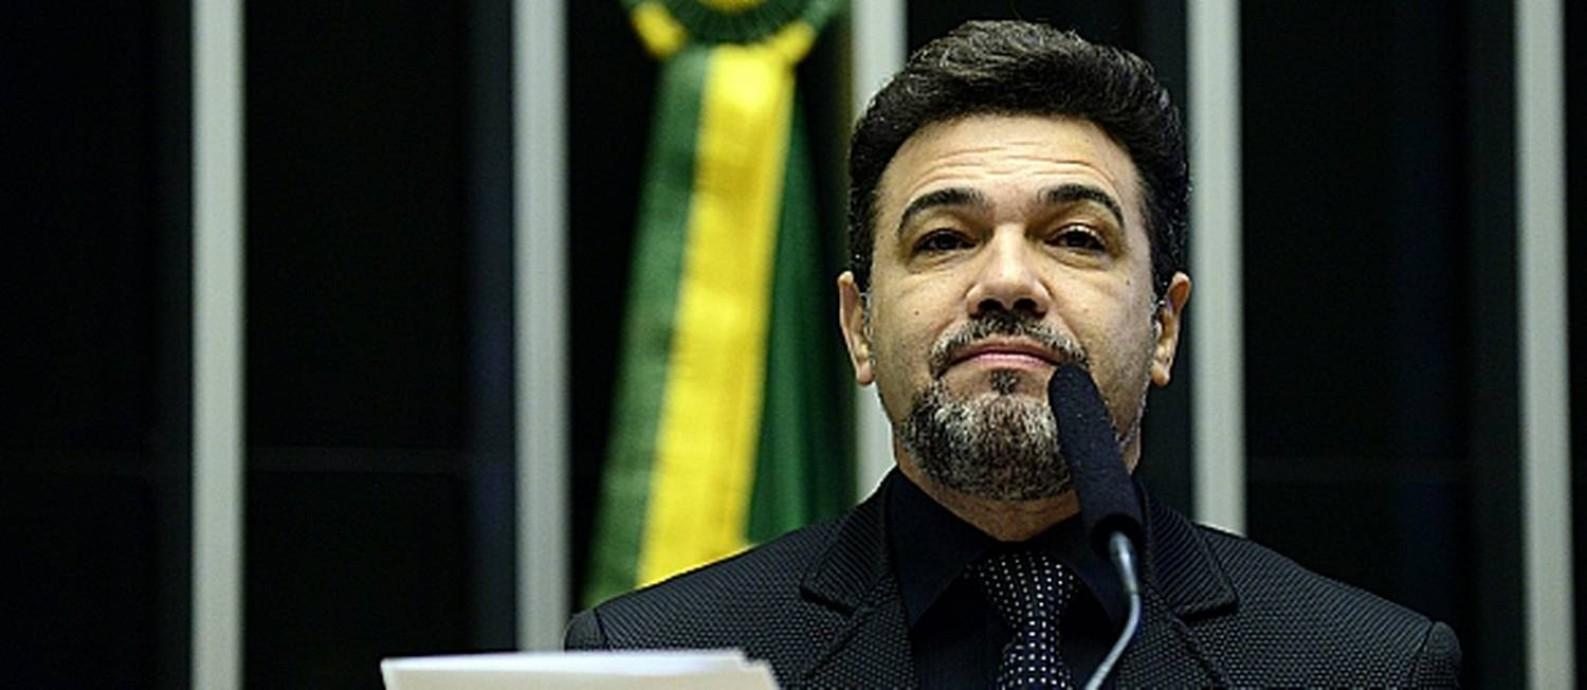 Deputado federal Marco Feliciano (PSC-SP) Foto: / Agência Câmara